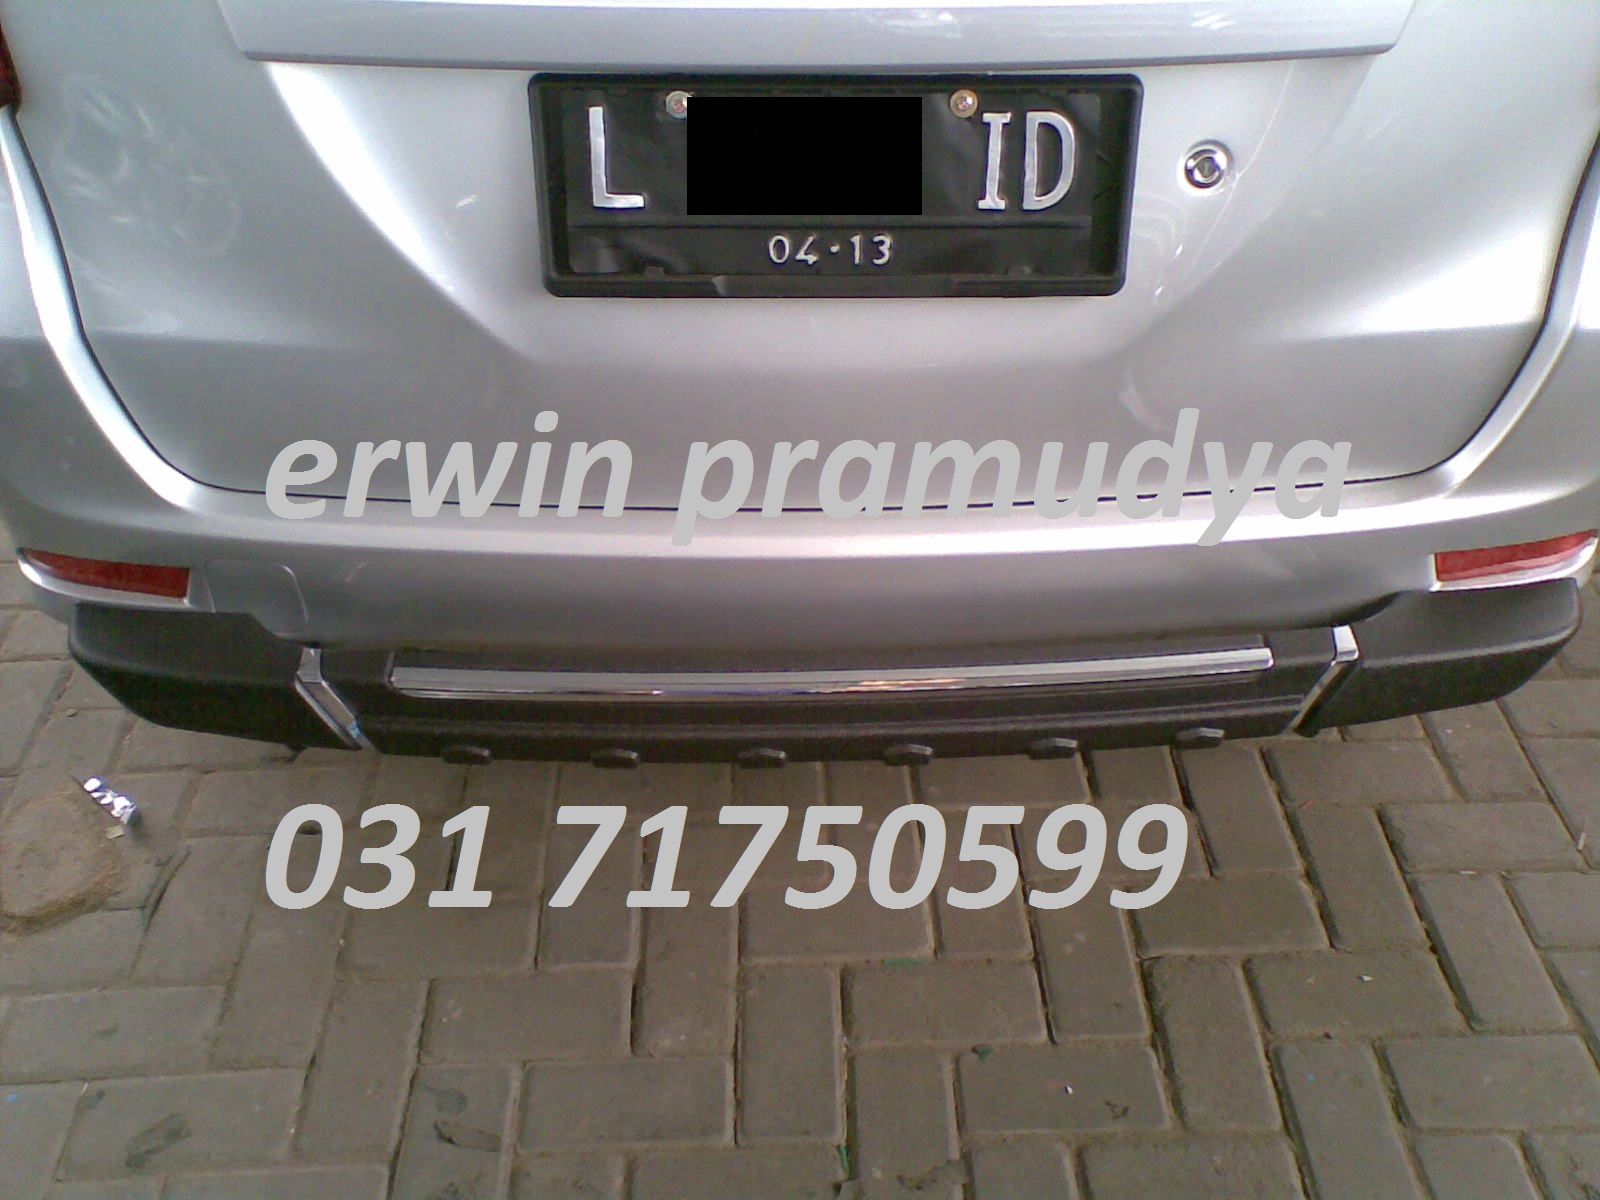 Lampu Belakang Grand New Avanza Toyota Yaris Trd White Accessories Mobil Surabaya ( 3m Auto Film )